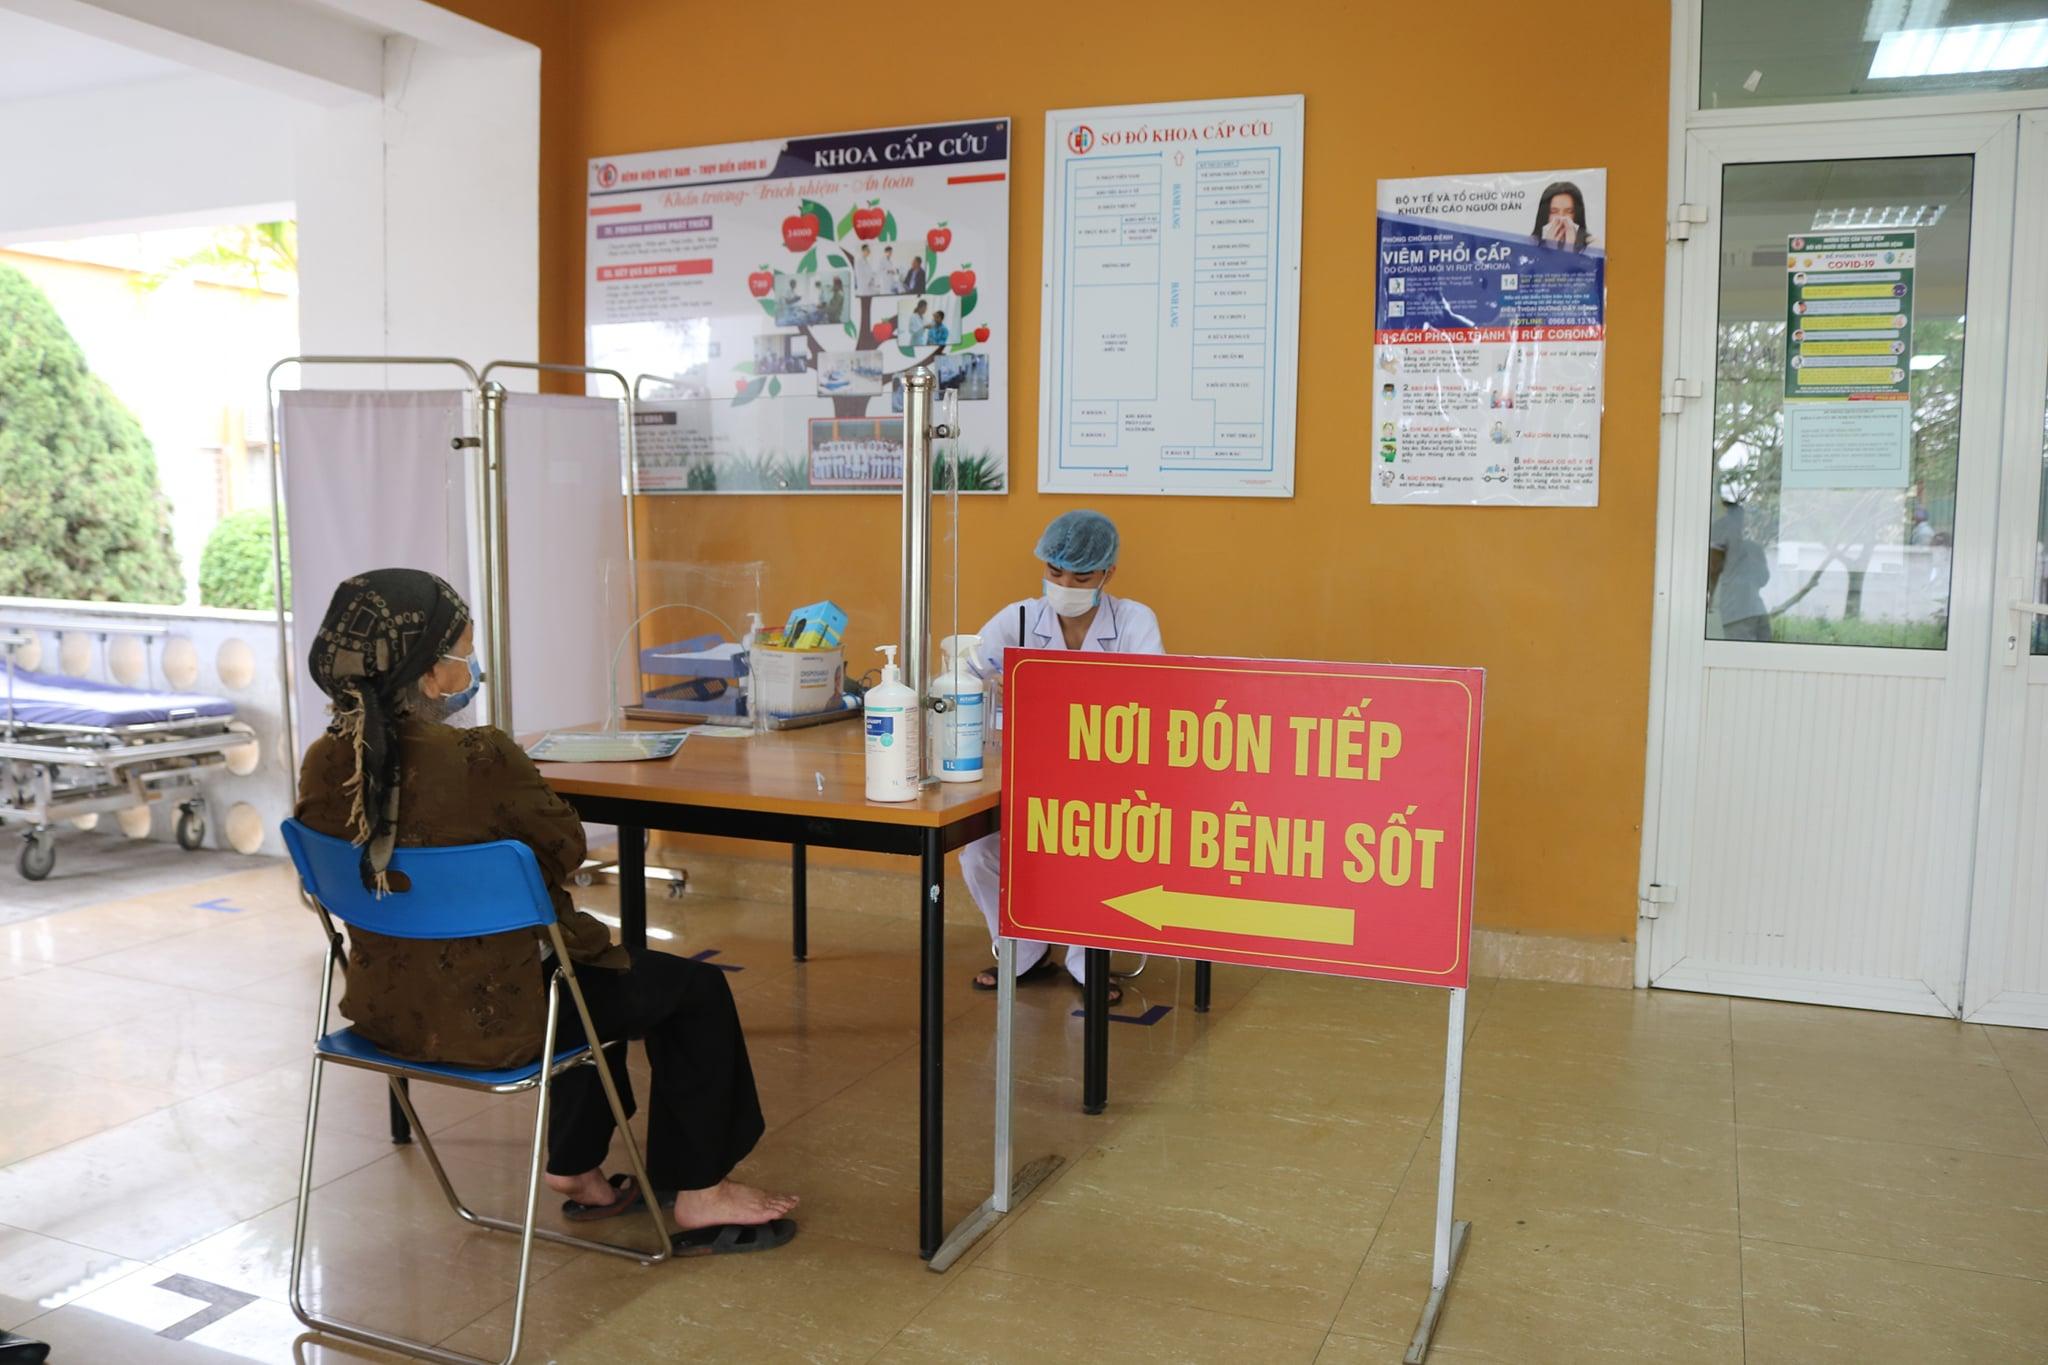 Khu vực tiếp đón người bệnh có biểu hiện sốt, ho, khó thở ở Bệnh viện Việt Nam Uông Bí- Thuỵ Điển. Ảnh: Bệnh viện cung cấp